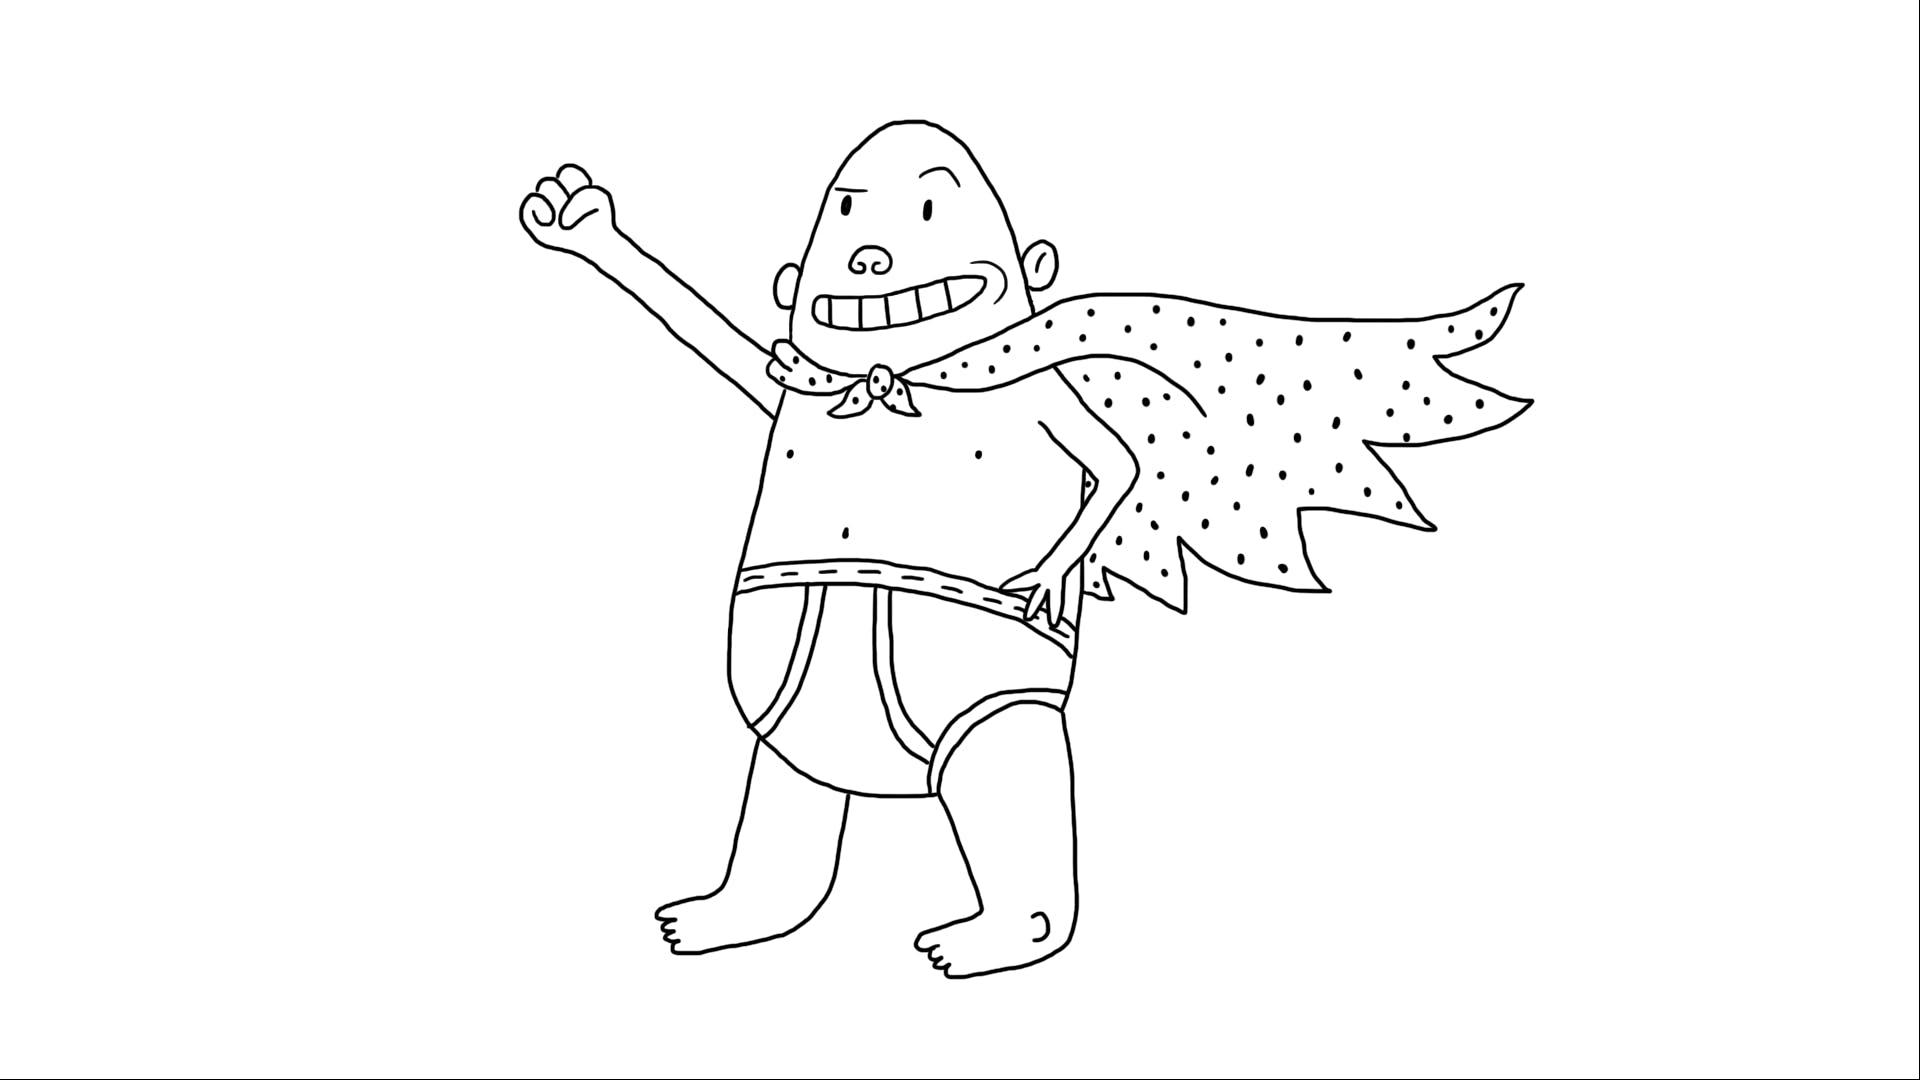 Captain Underpants line artwork